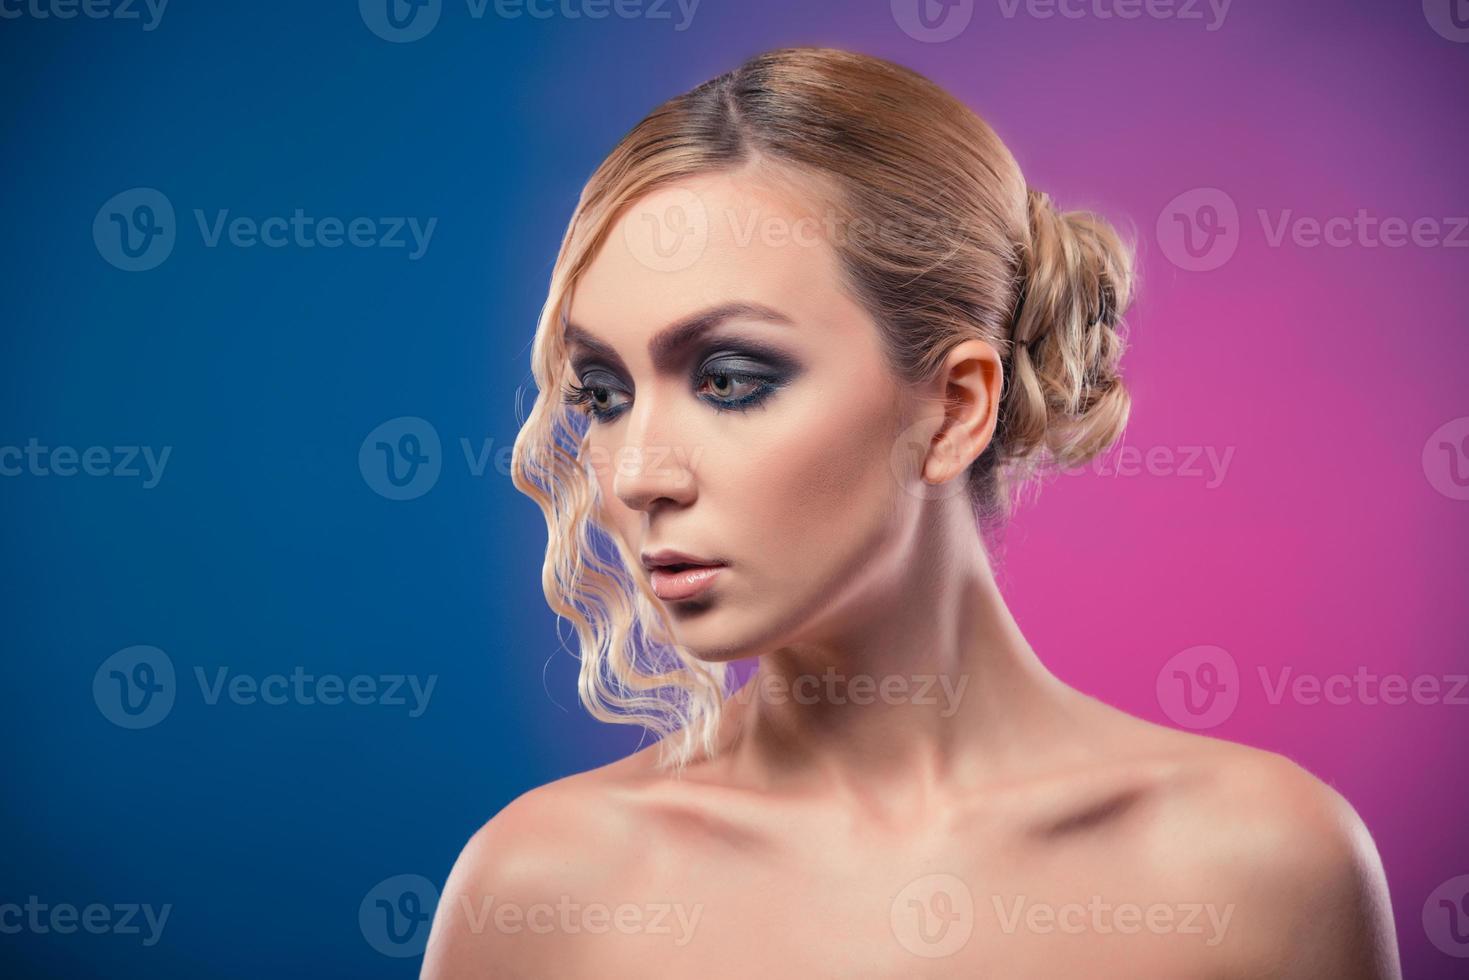 schöne luxuriöse Frau auf lila Hintergrund foto